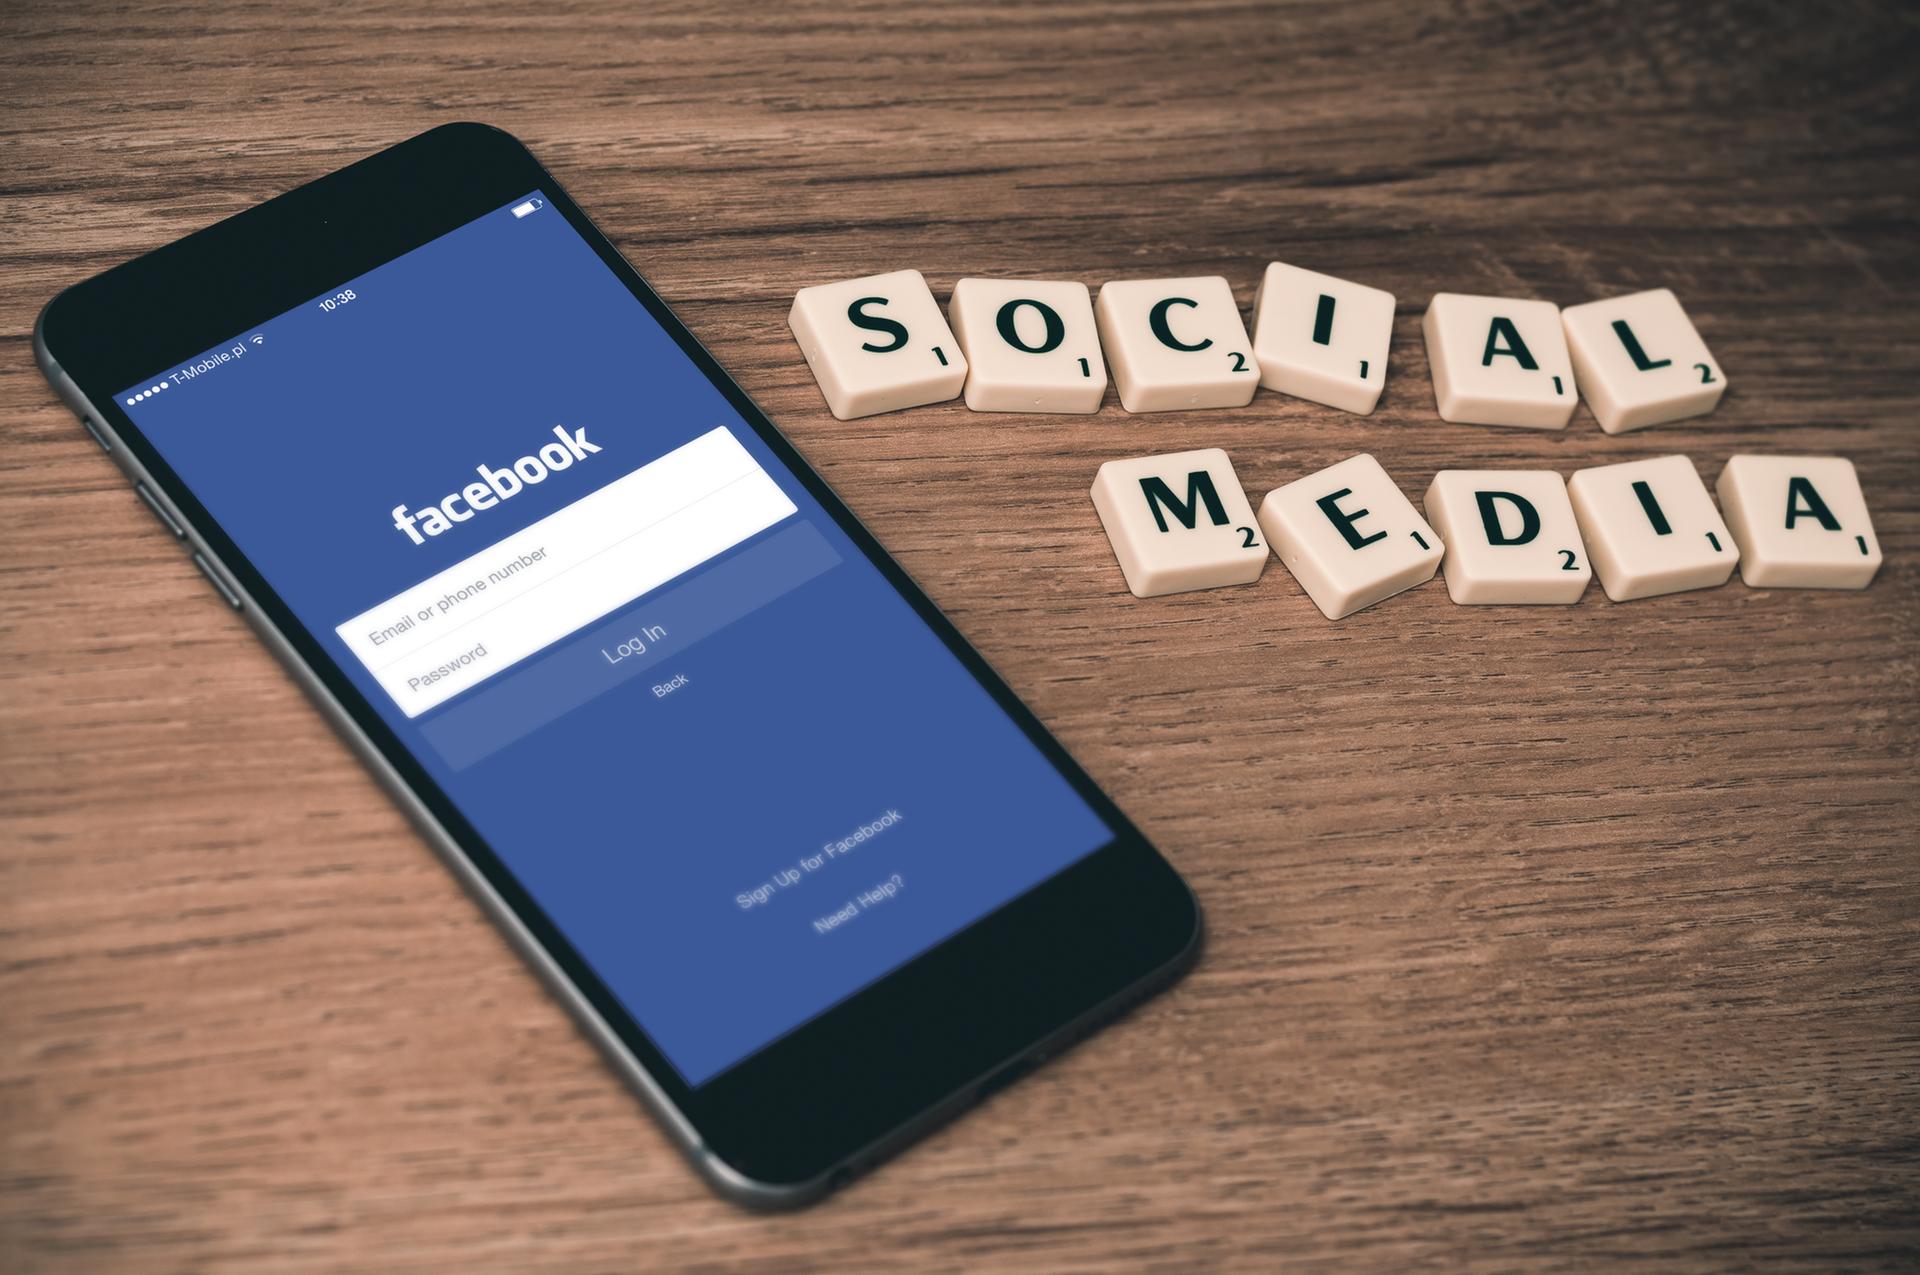 Kodėl savo reputacija besirūpinantis darbdavys privalo draugauti su socialiniais tinklais?